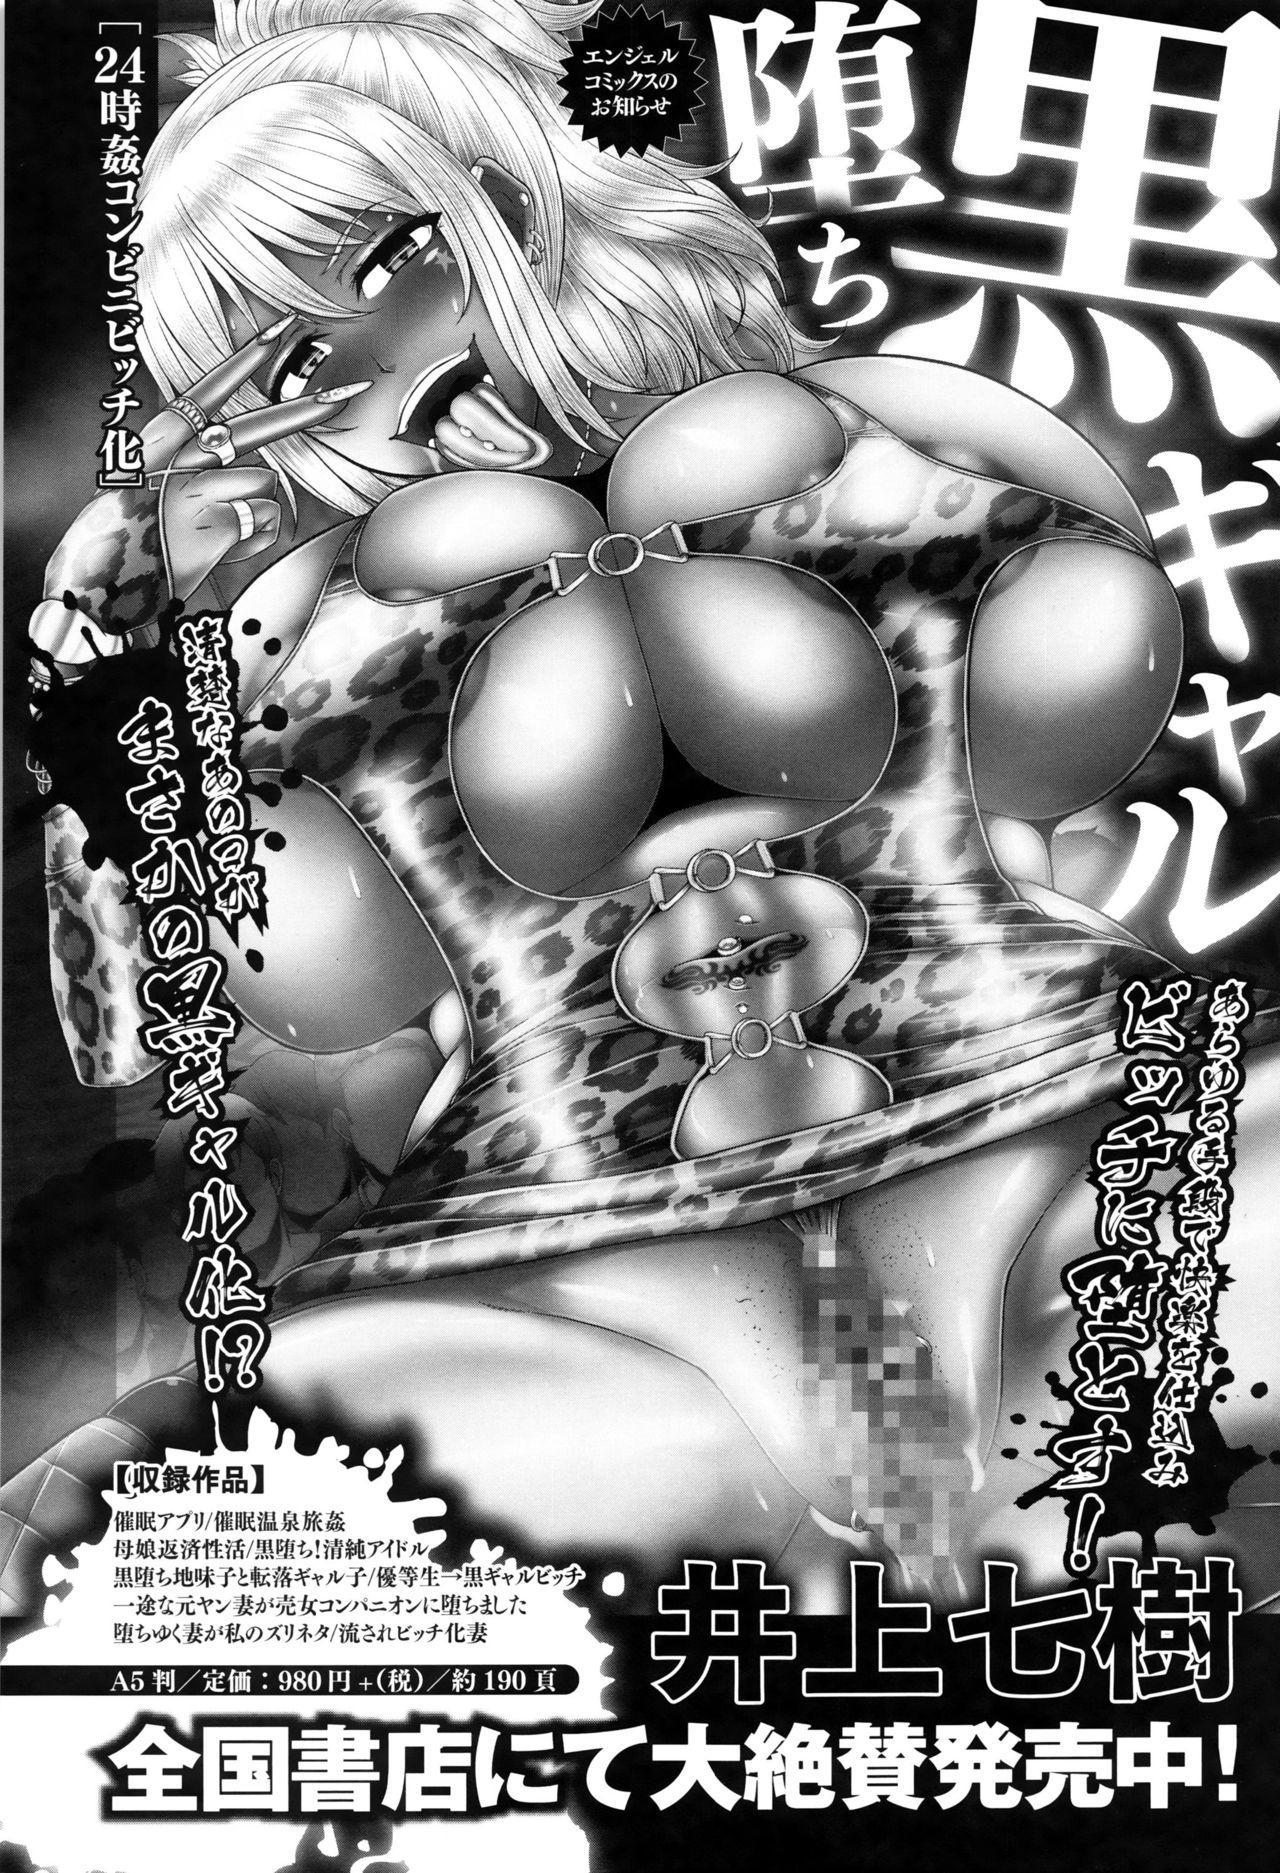 Kotoko wa Isshou Yokkyuufuman 209